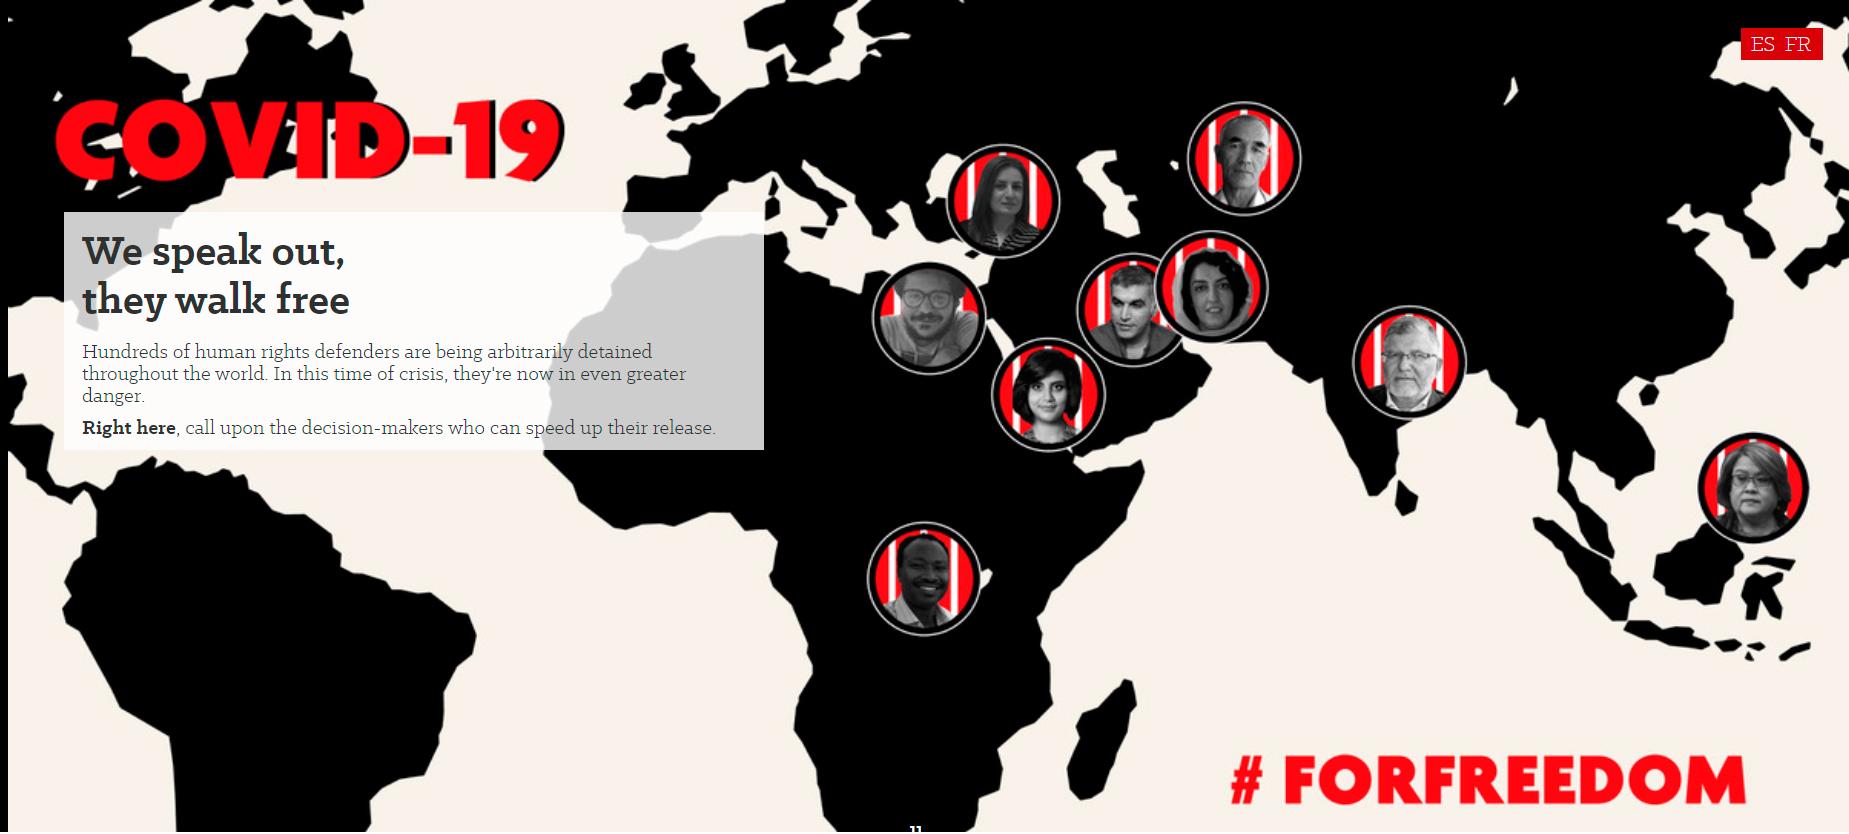 COVID-19: правозащитники должны быть немедленно освобождены из мест заключения